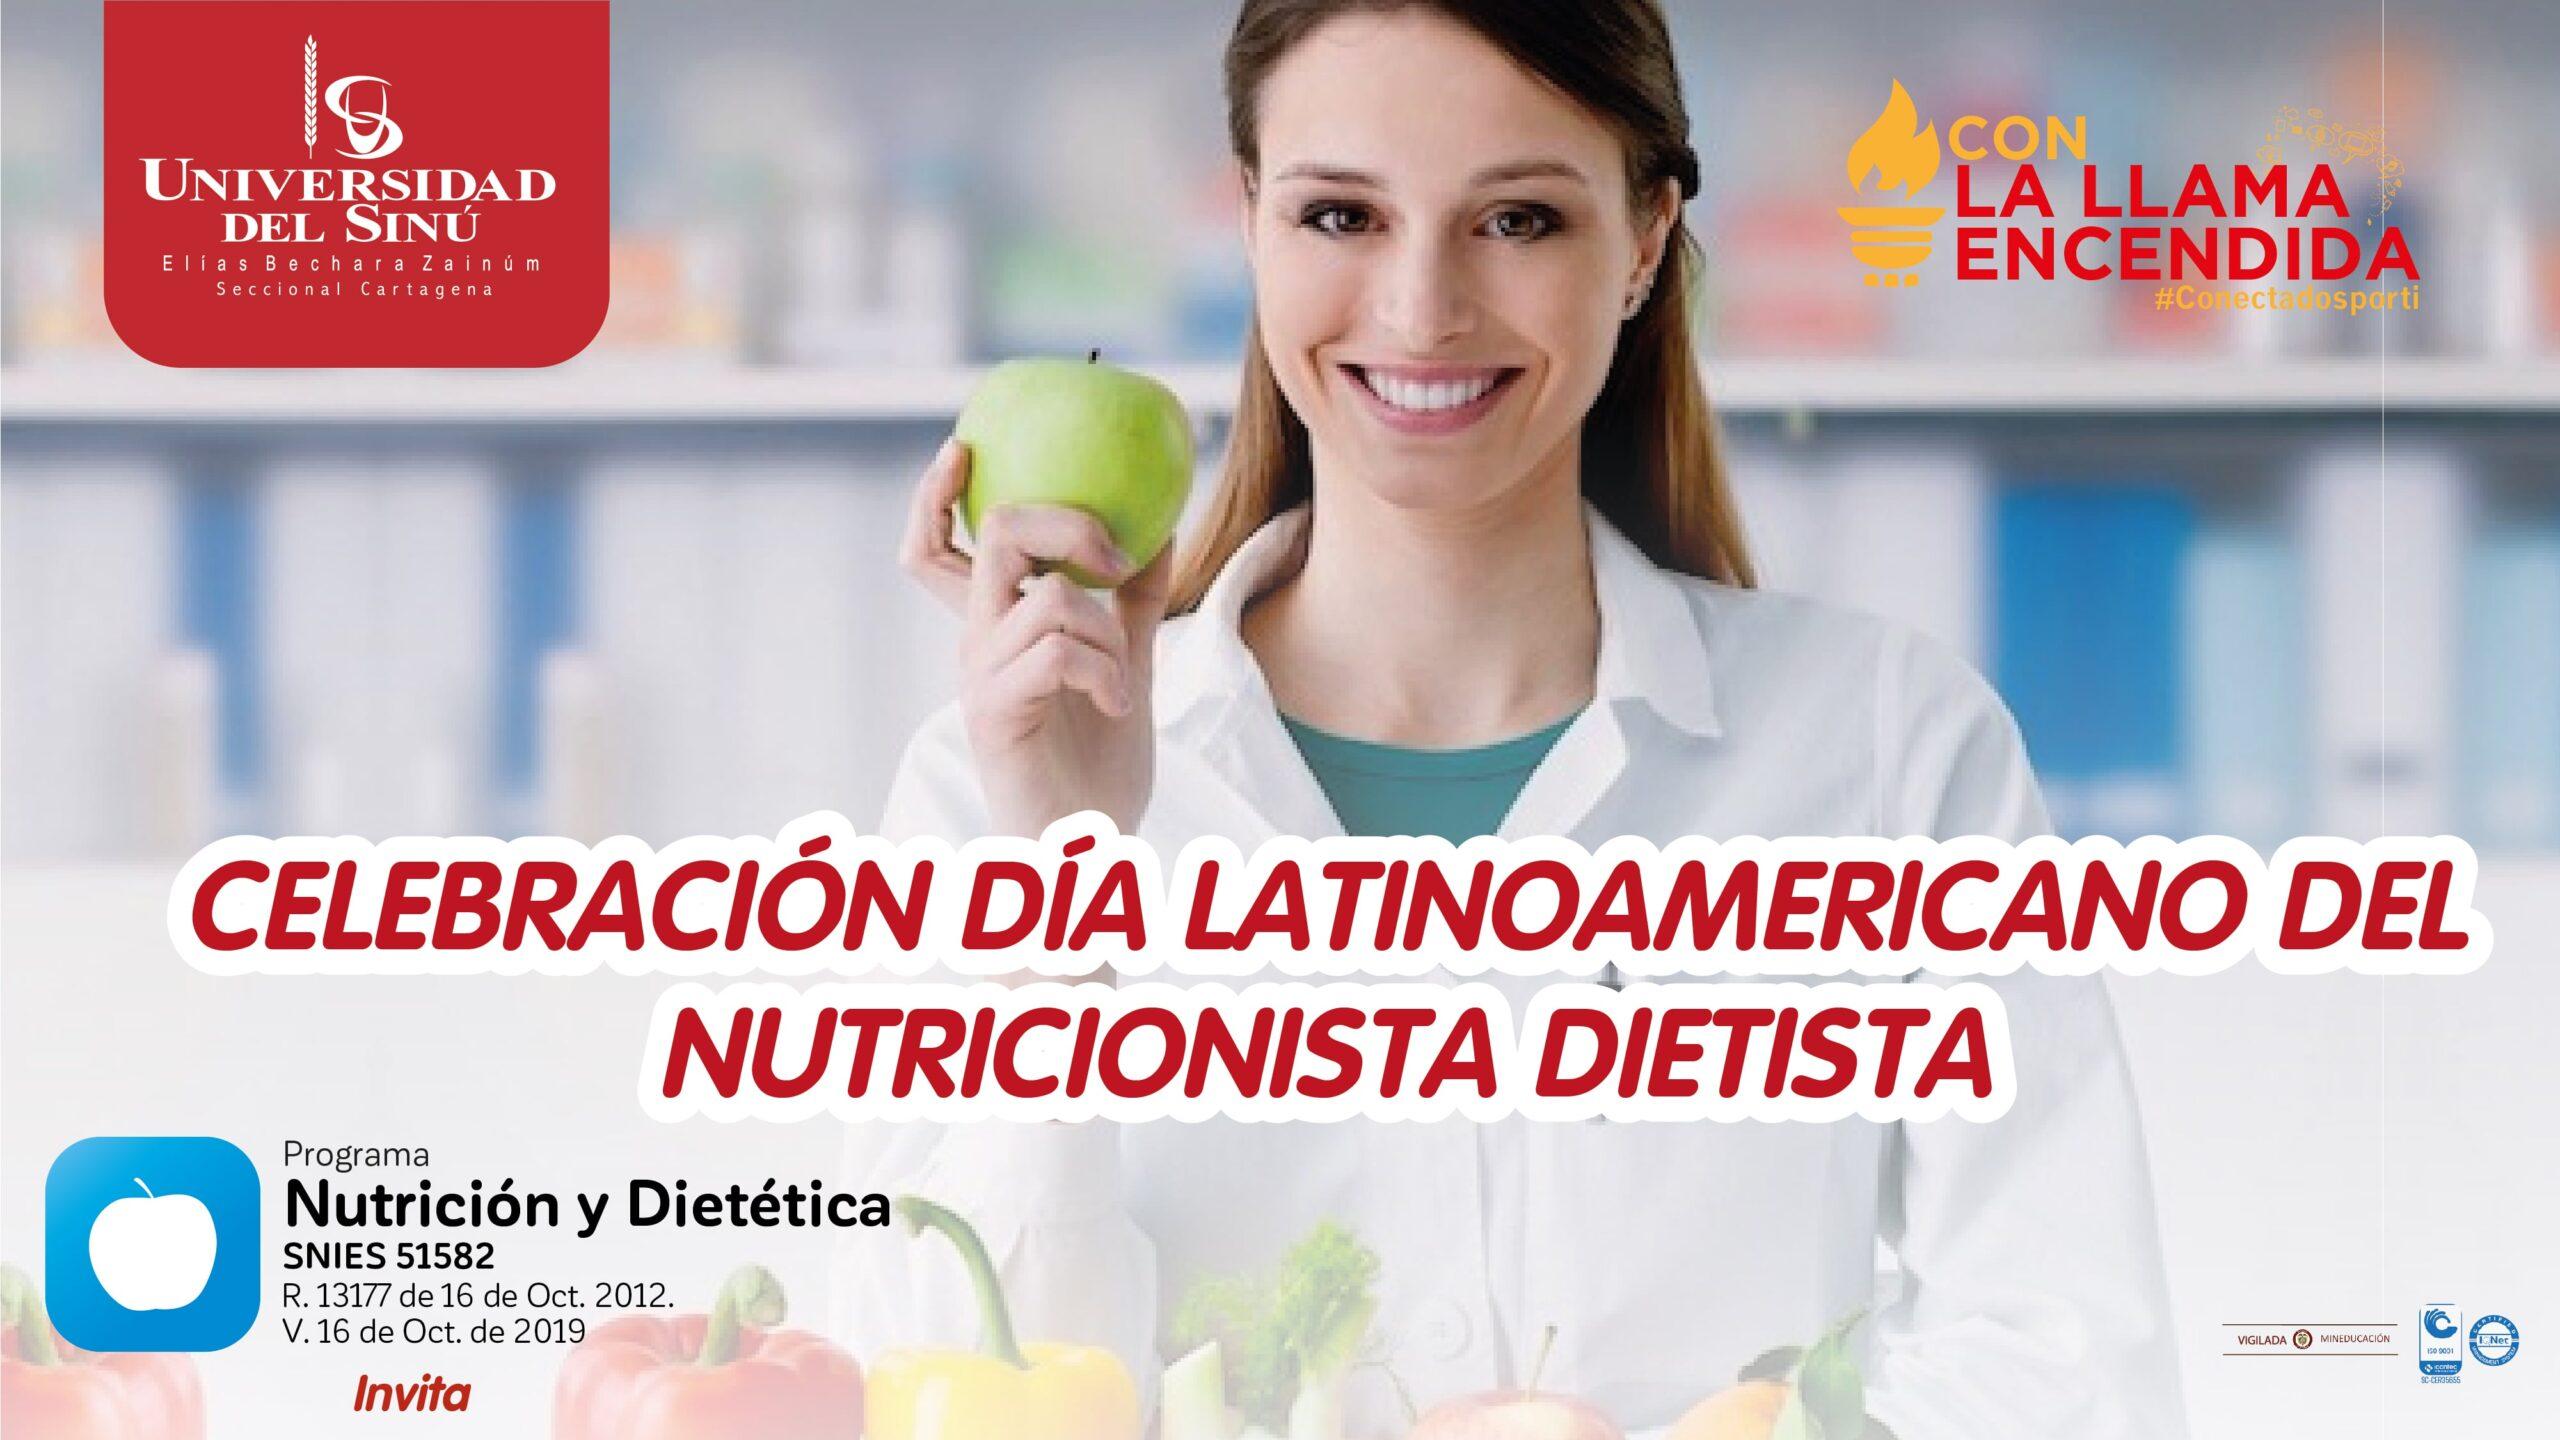 1Celebración Día Latinoamericano del Nutricionista Dietista-03-min